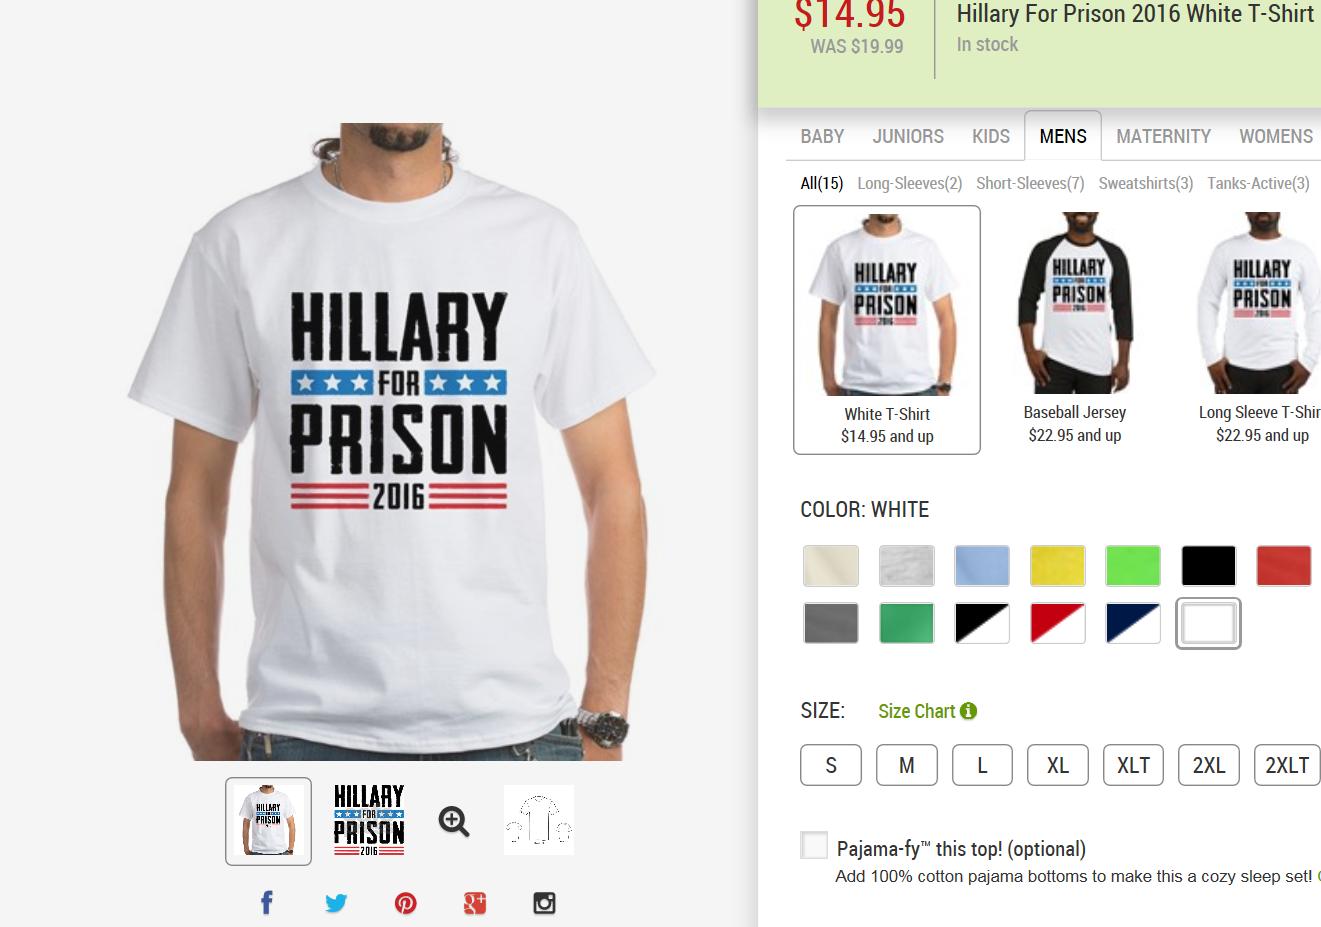 Un T-shirt anti-Clinton en vente sur le site CafePress.